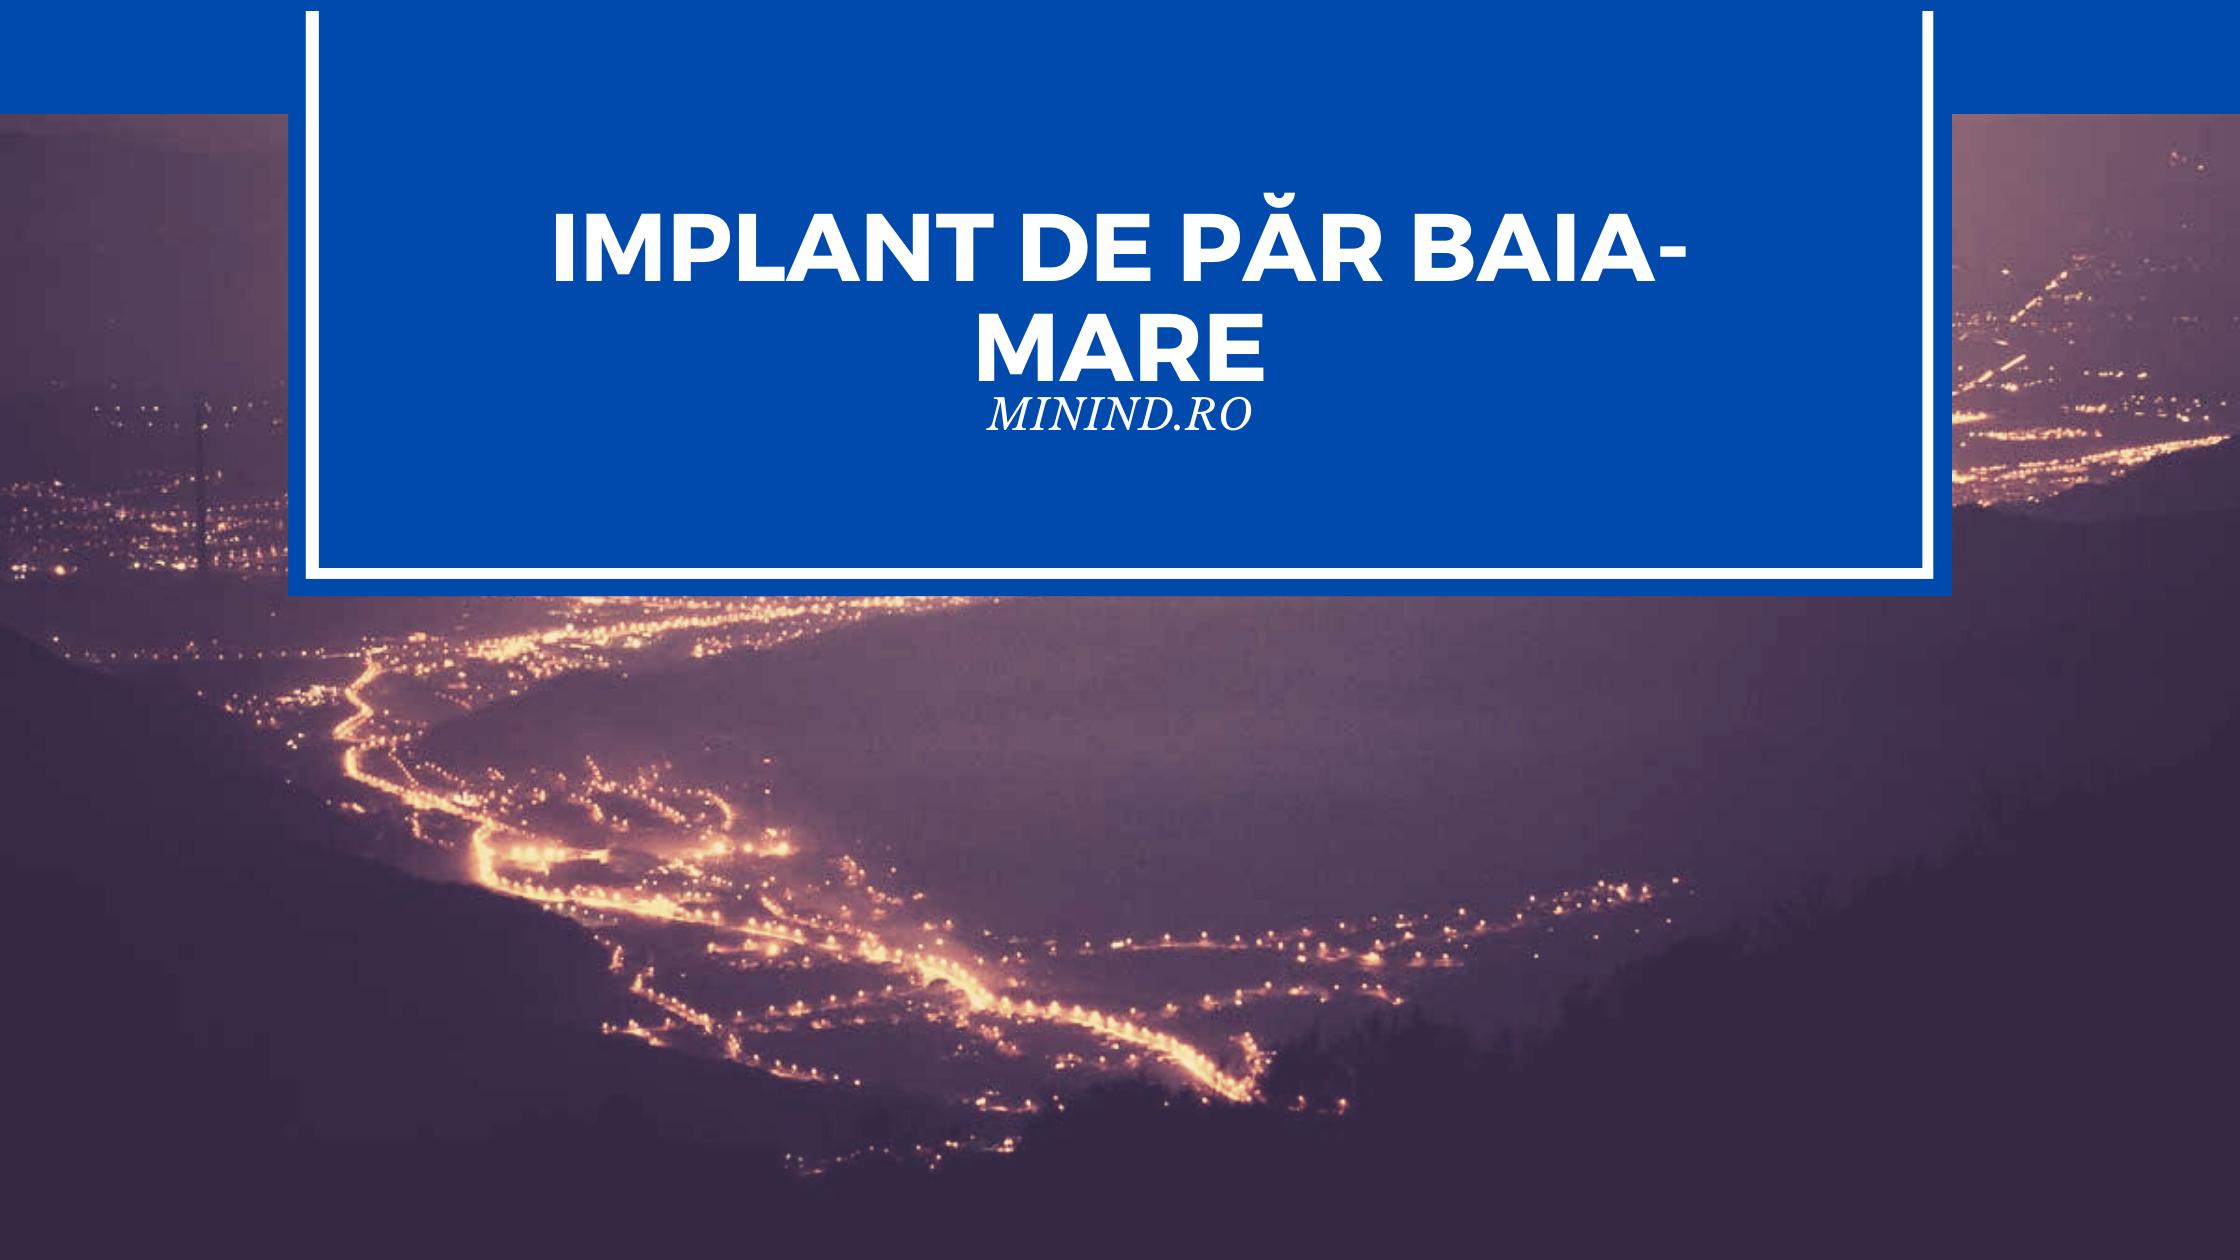 implant de par baia mare